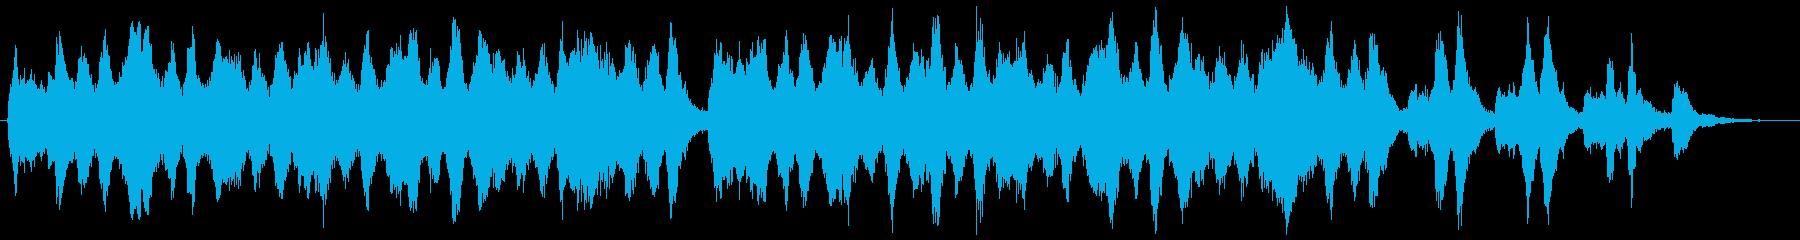 30秒CM・バロック風室内楽・少し哀愁の再生済みの波形